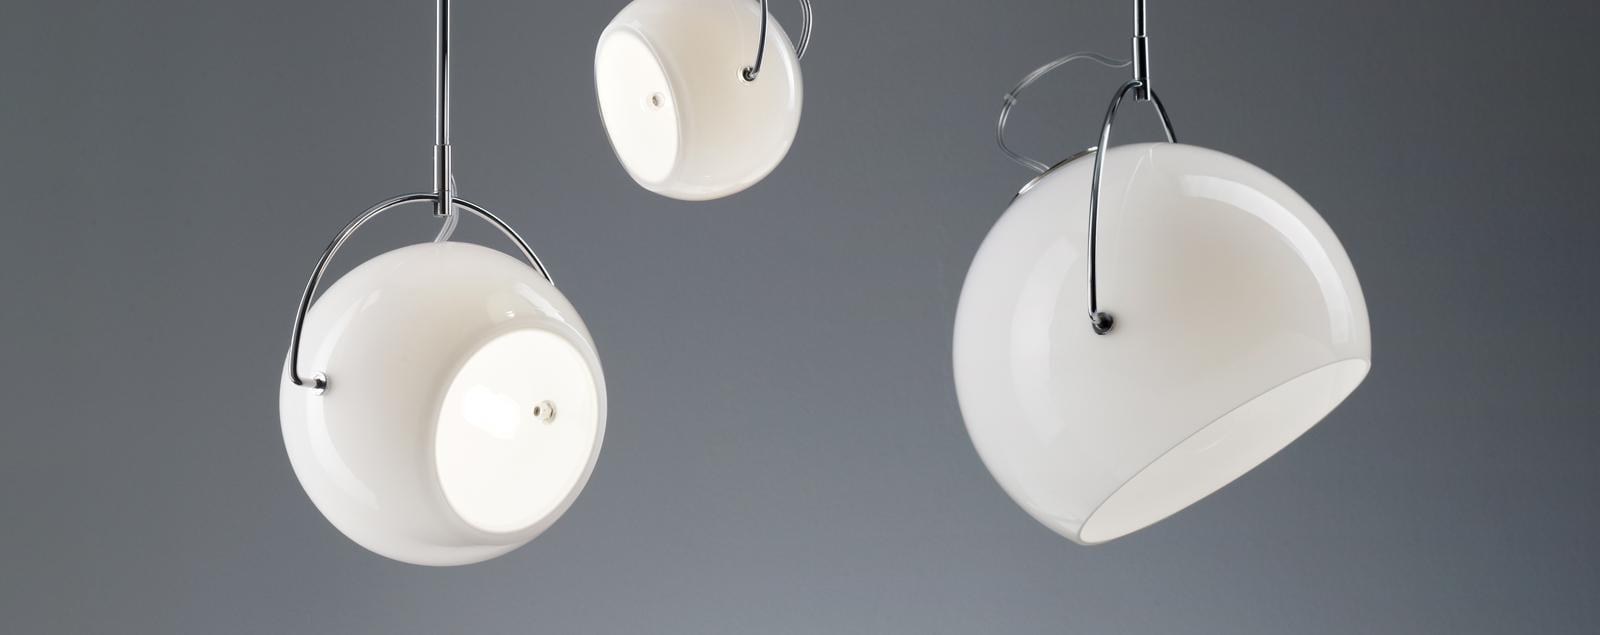 fabbian lighting - asco lighting